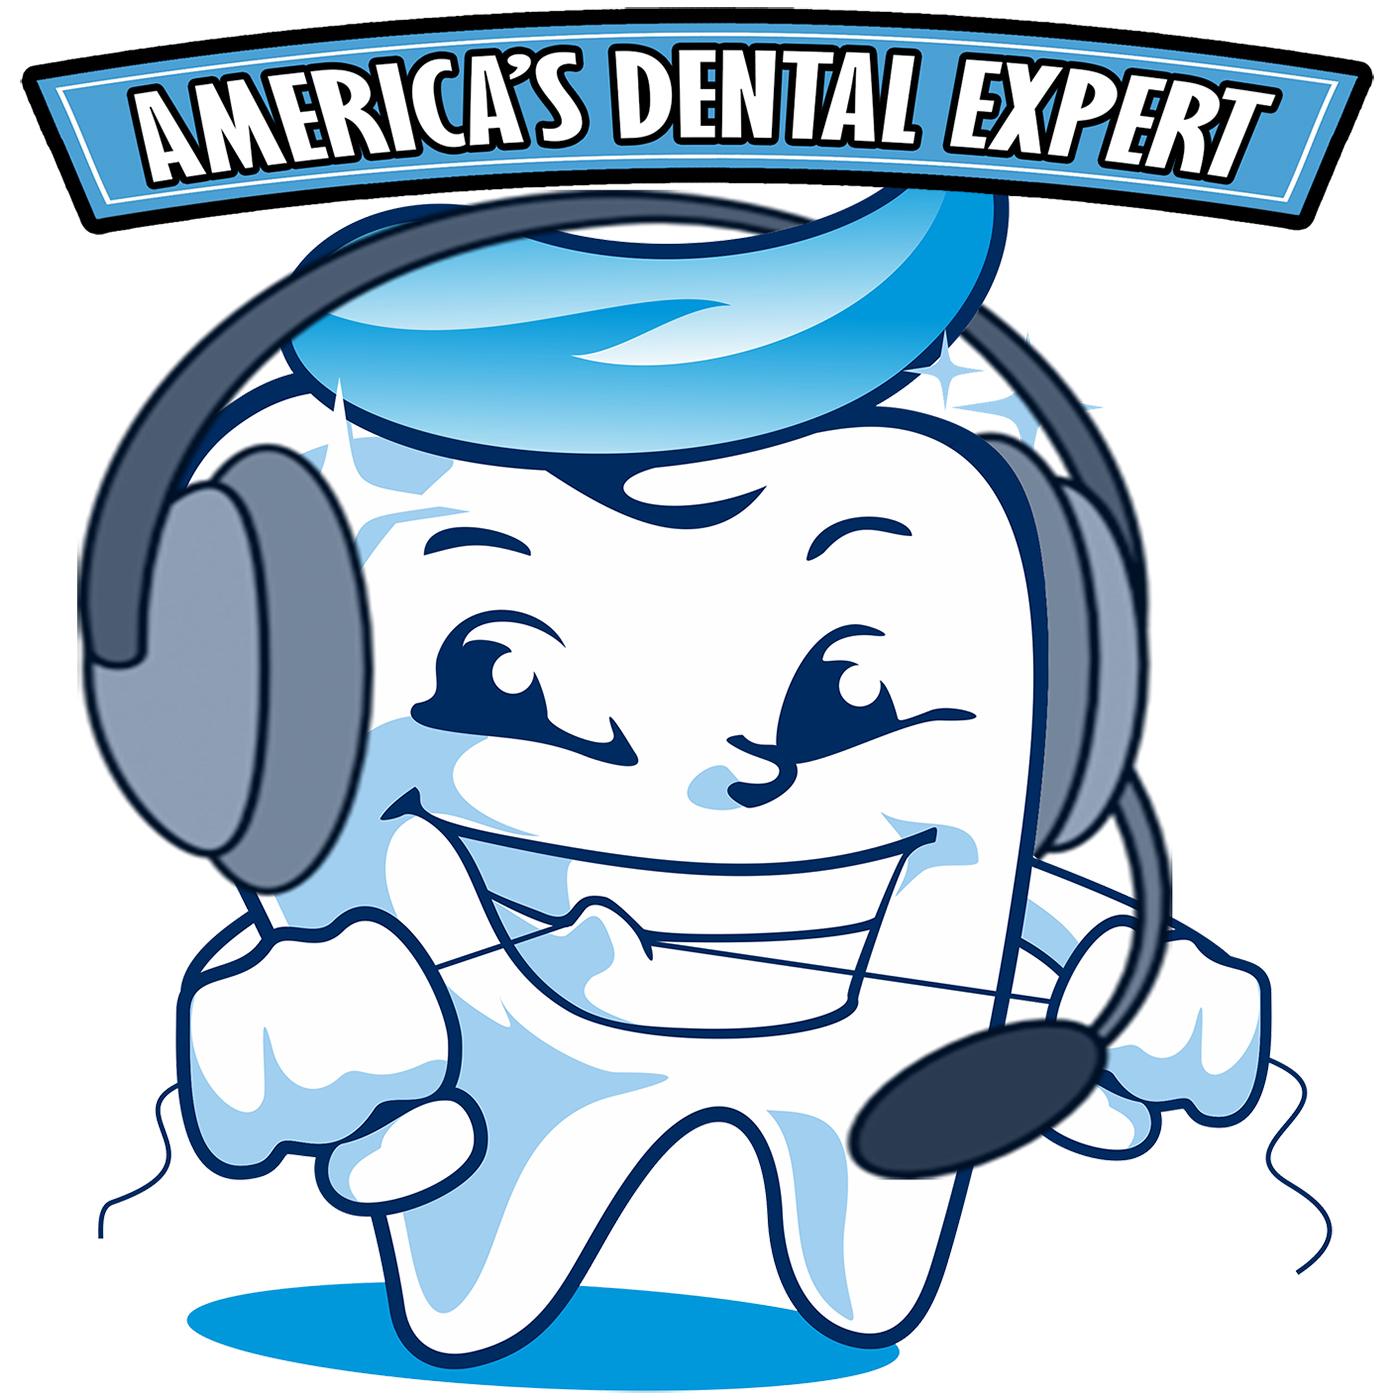 America's Dental Expert